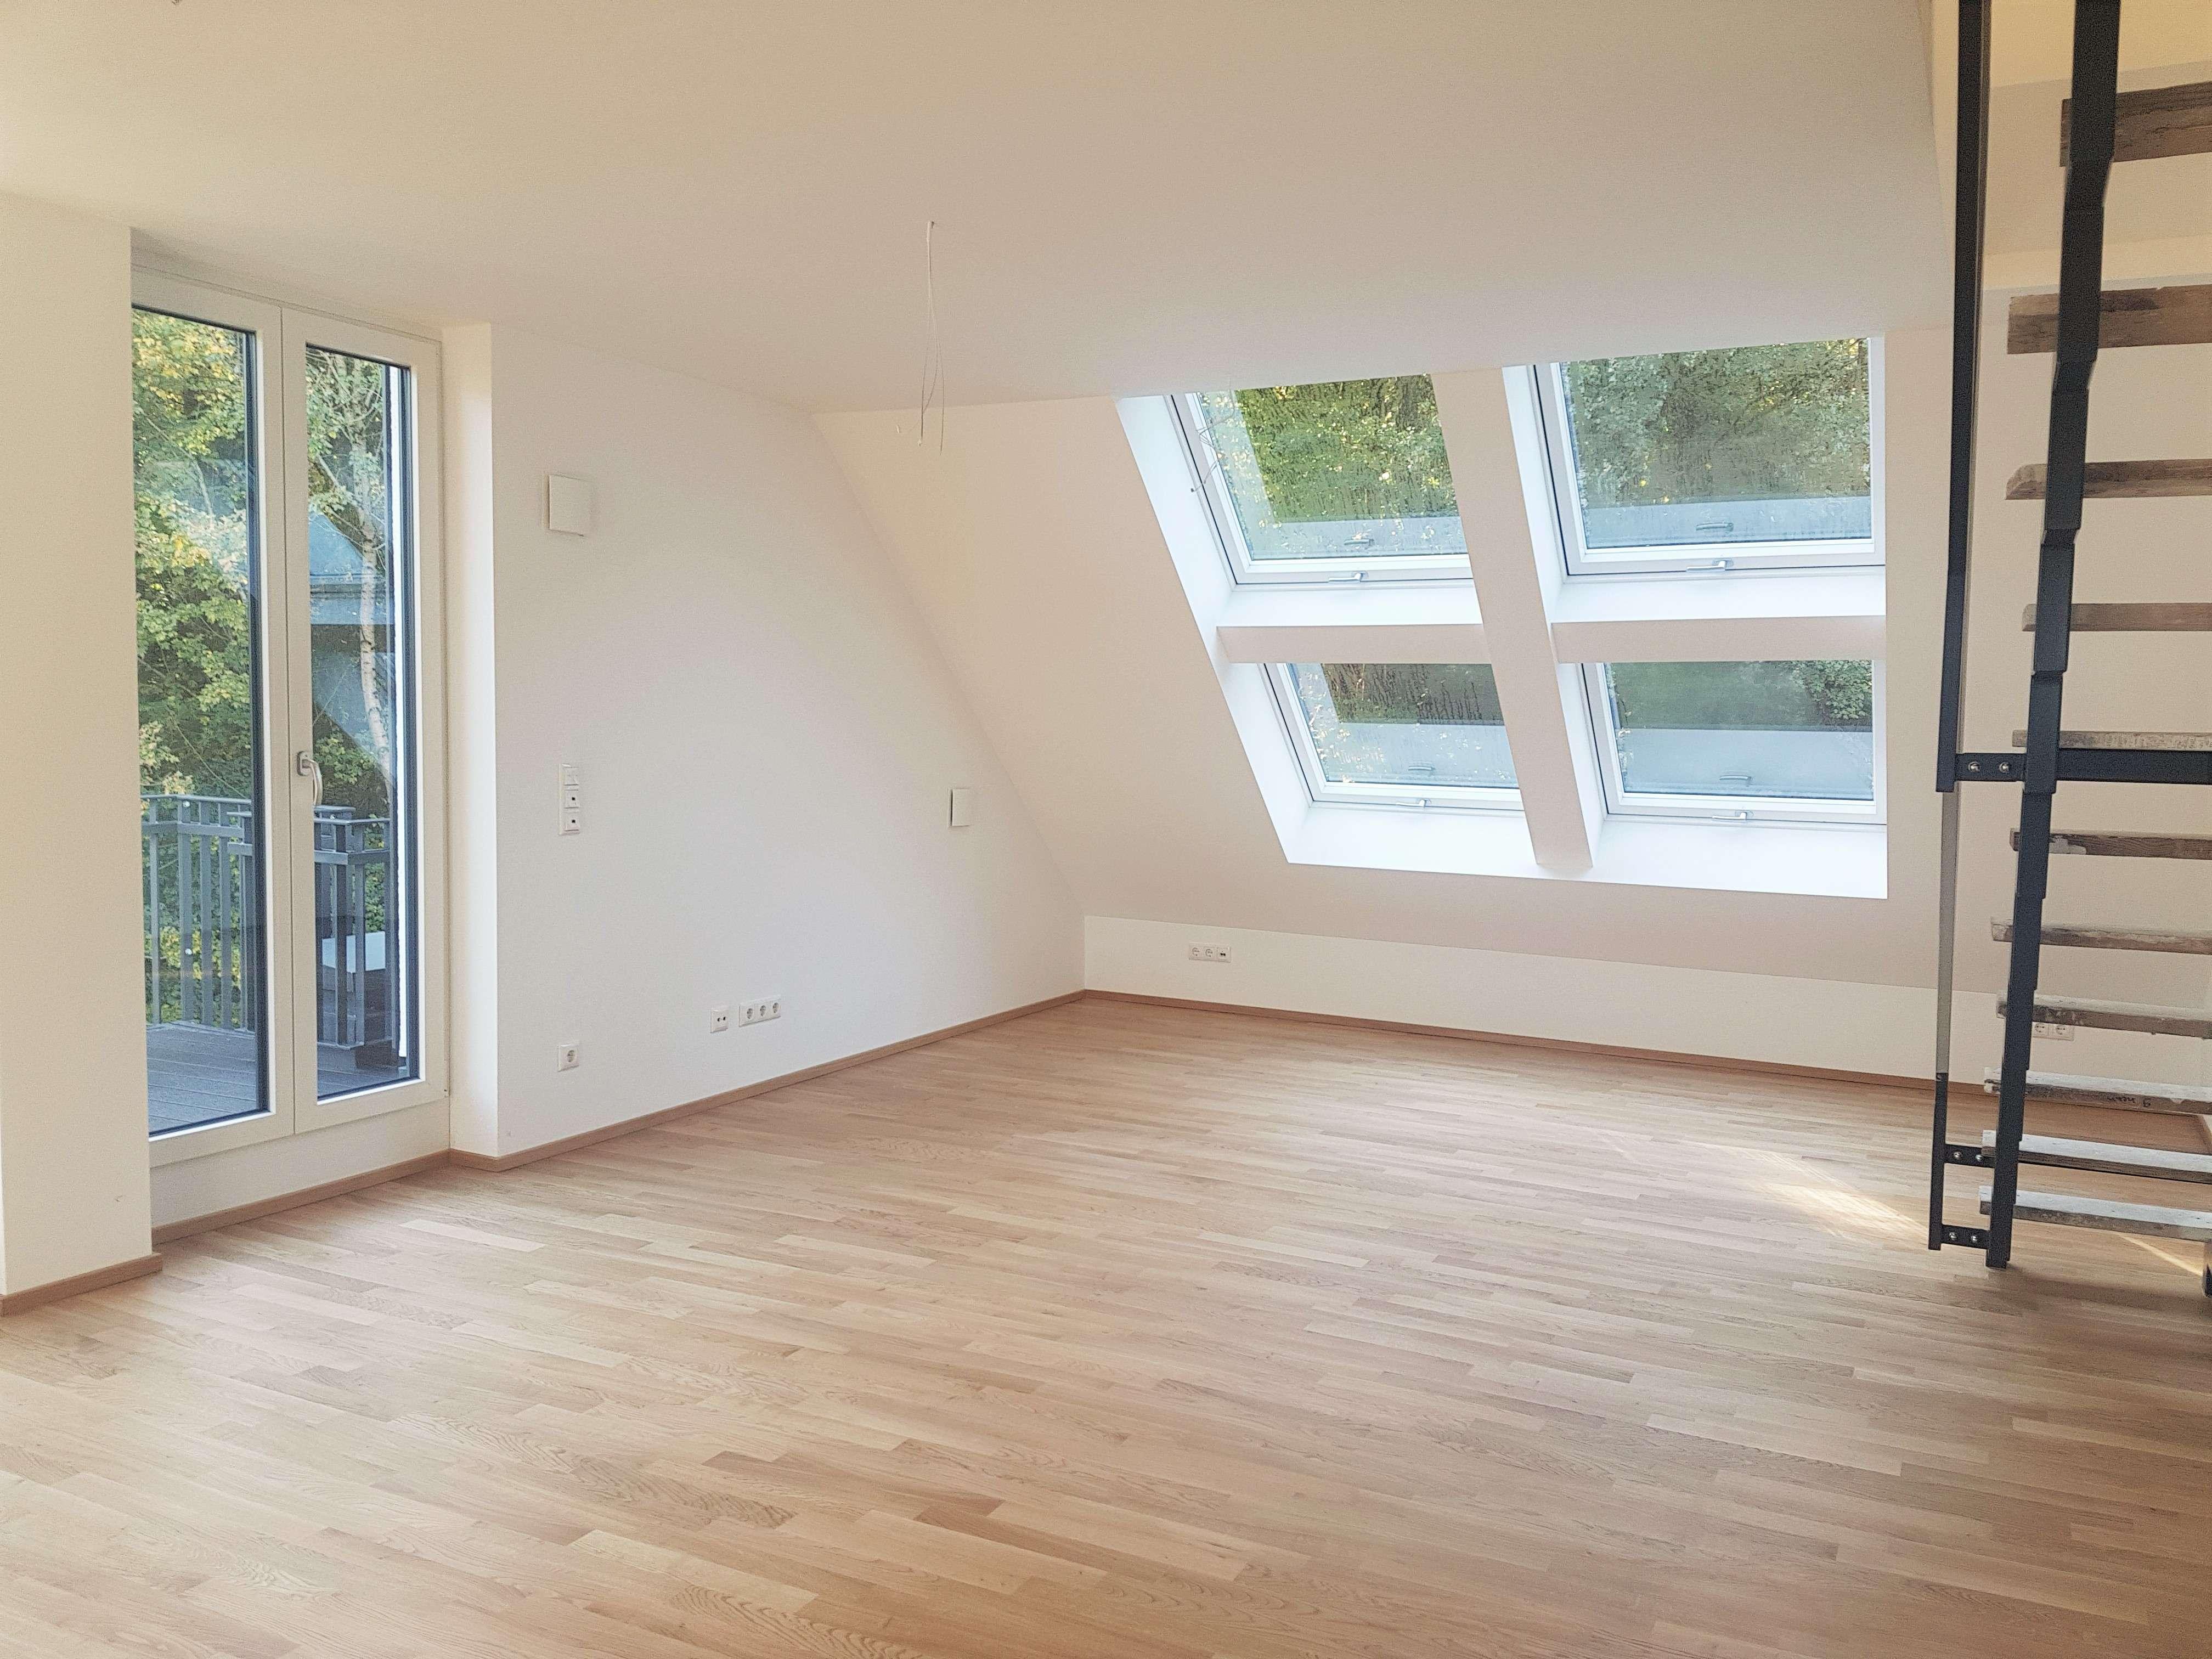 Hochwertige 2-Zimmer-Maisonettewohnung, teilmöbliert in Perlach (München)